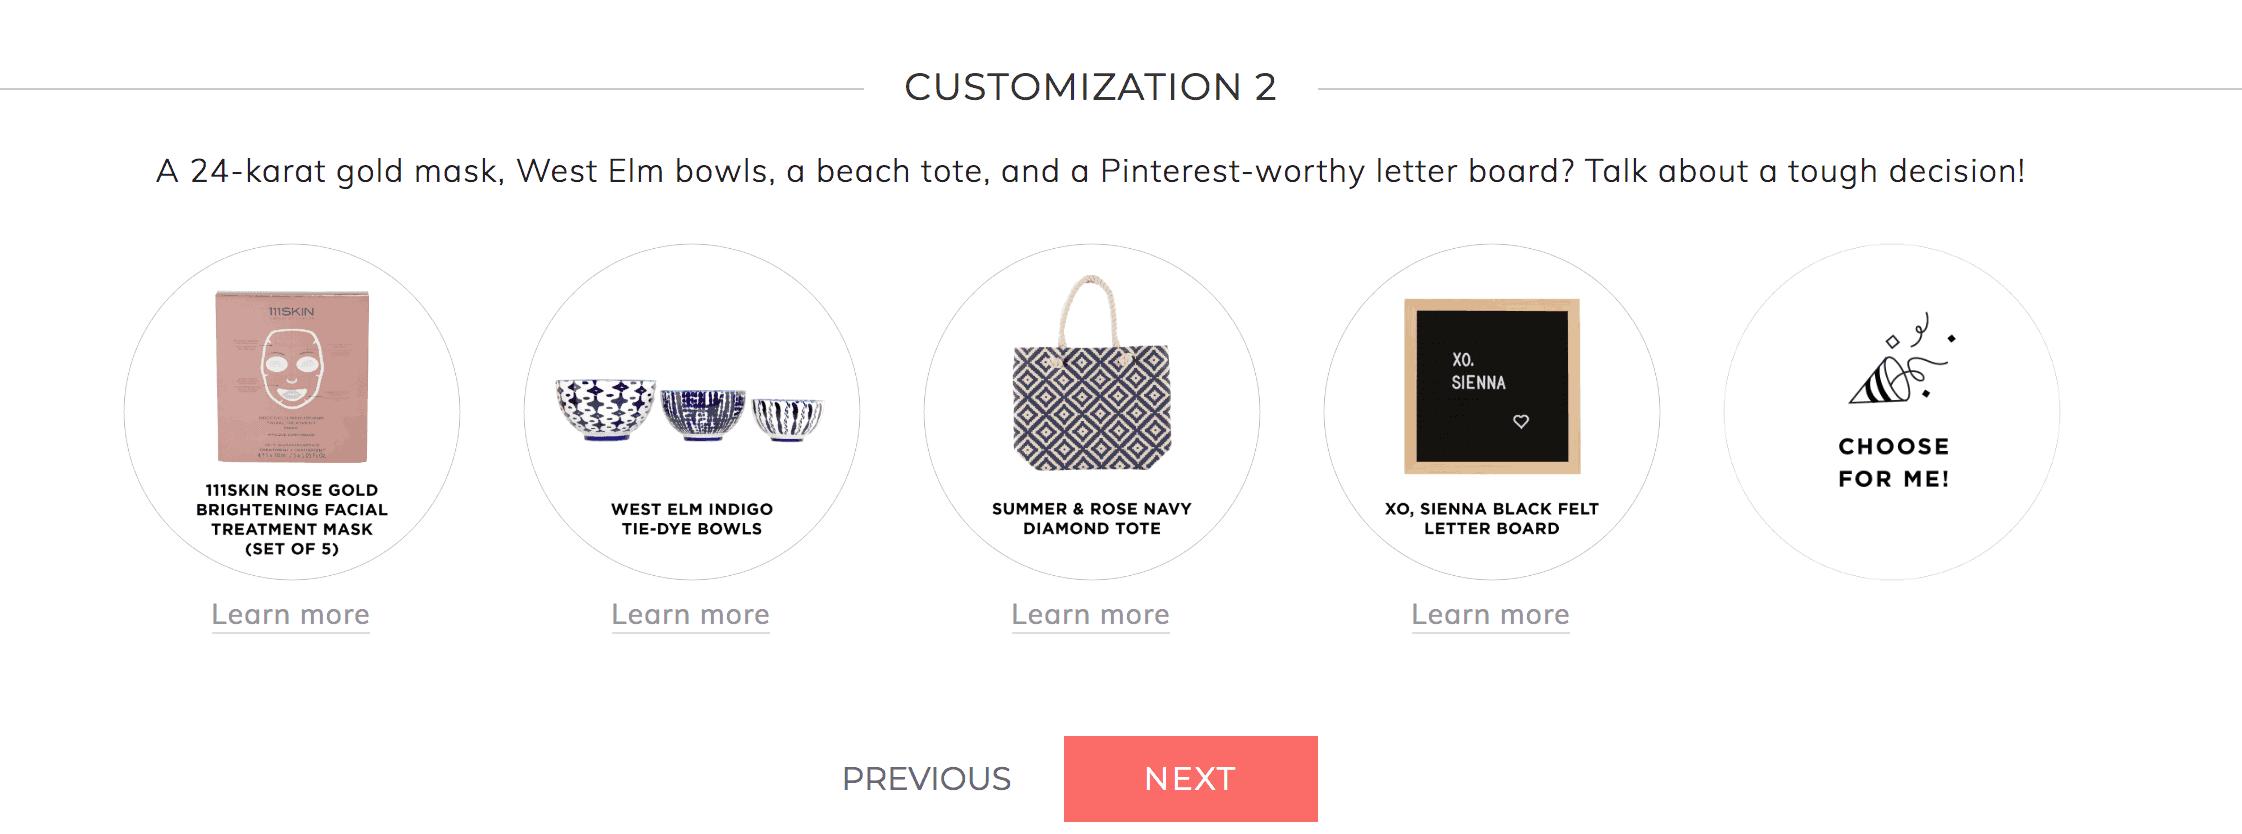 fabfitfun-box, fabfitfun-spoilers, fabfitfun-customization, fabfitfun-summer-box